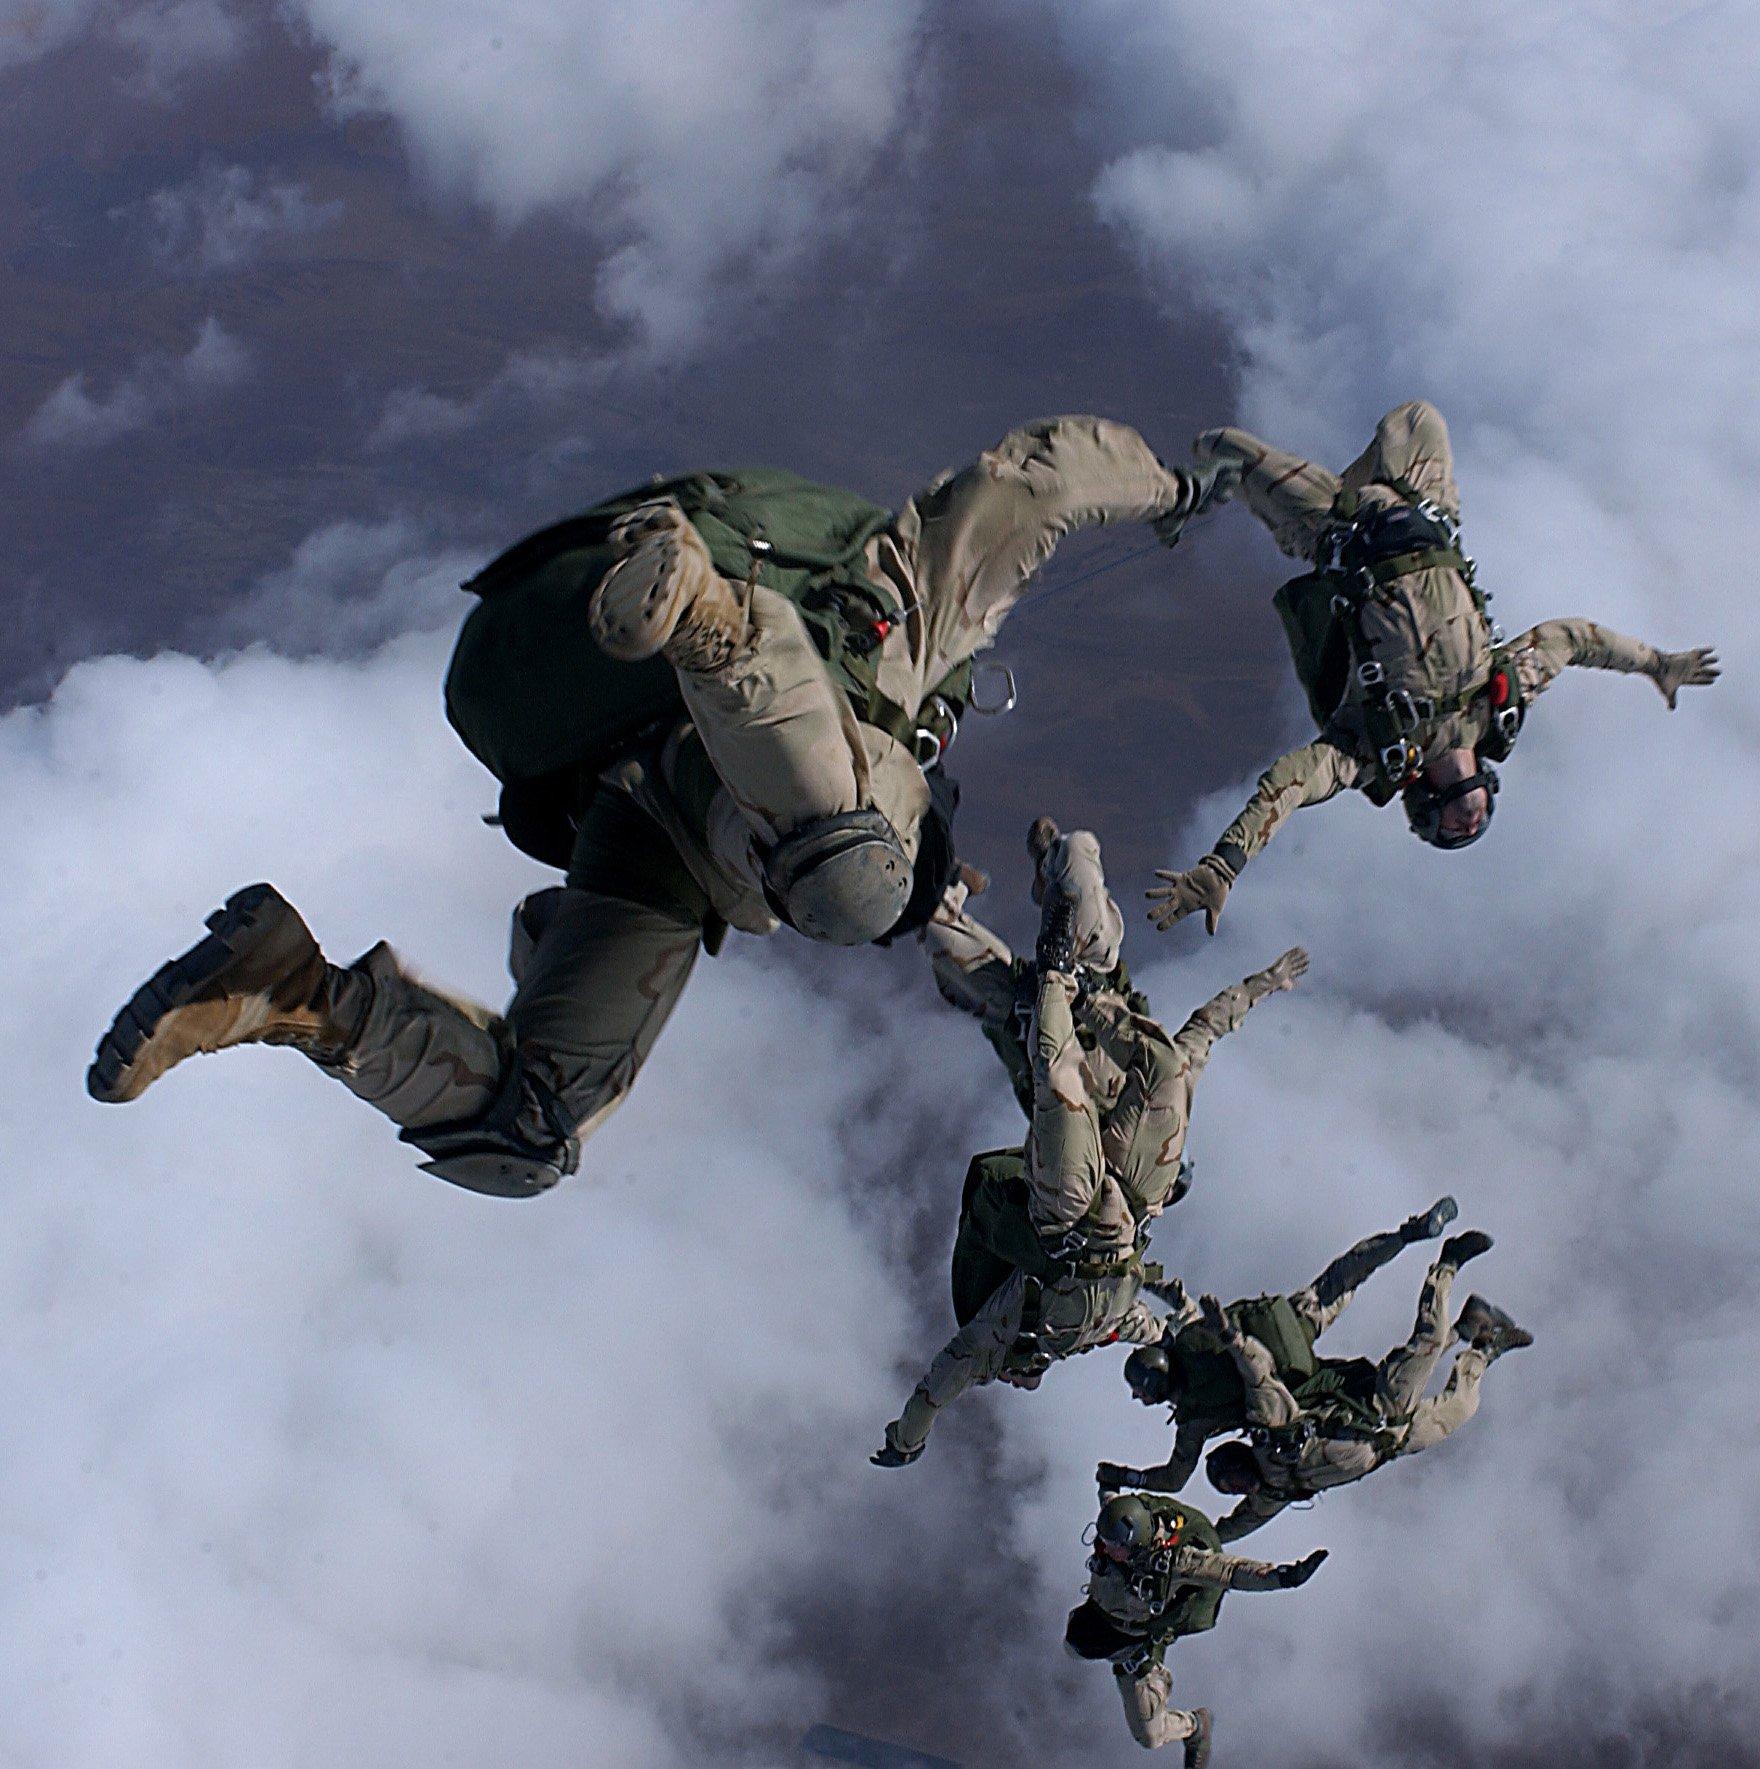 Độ cao để nhảy dù trong quân sự là bao nhiêu? 6